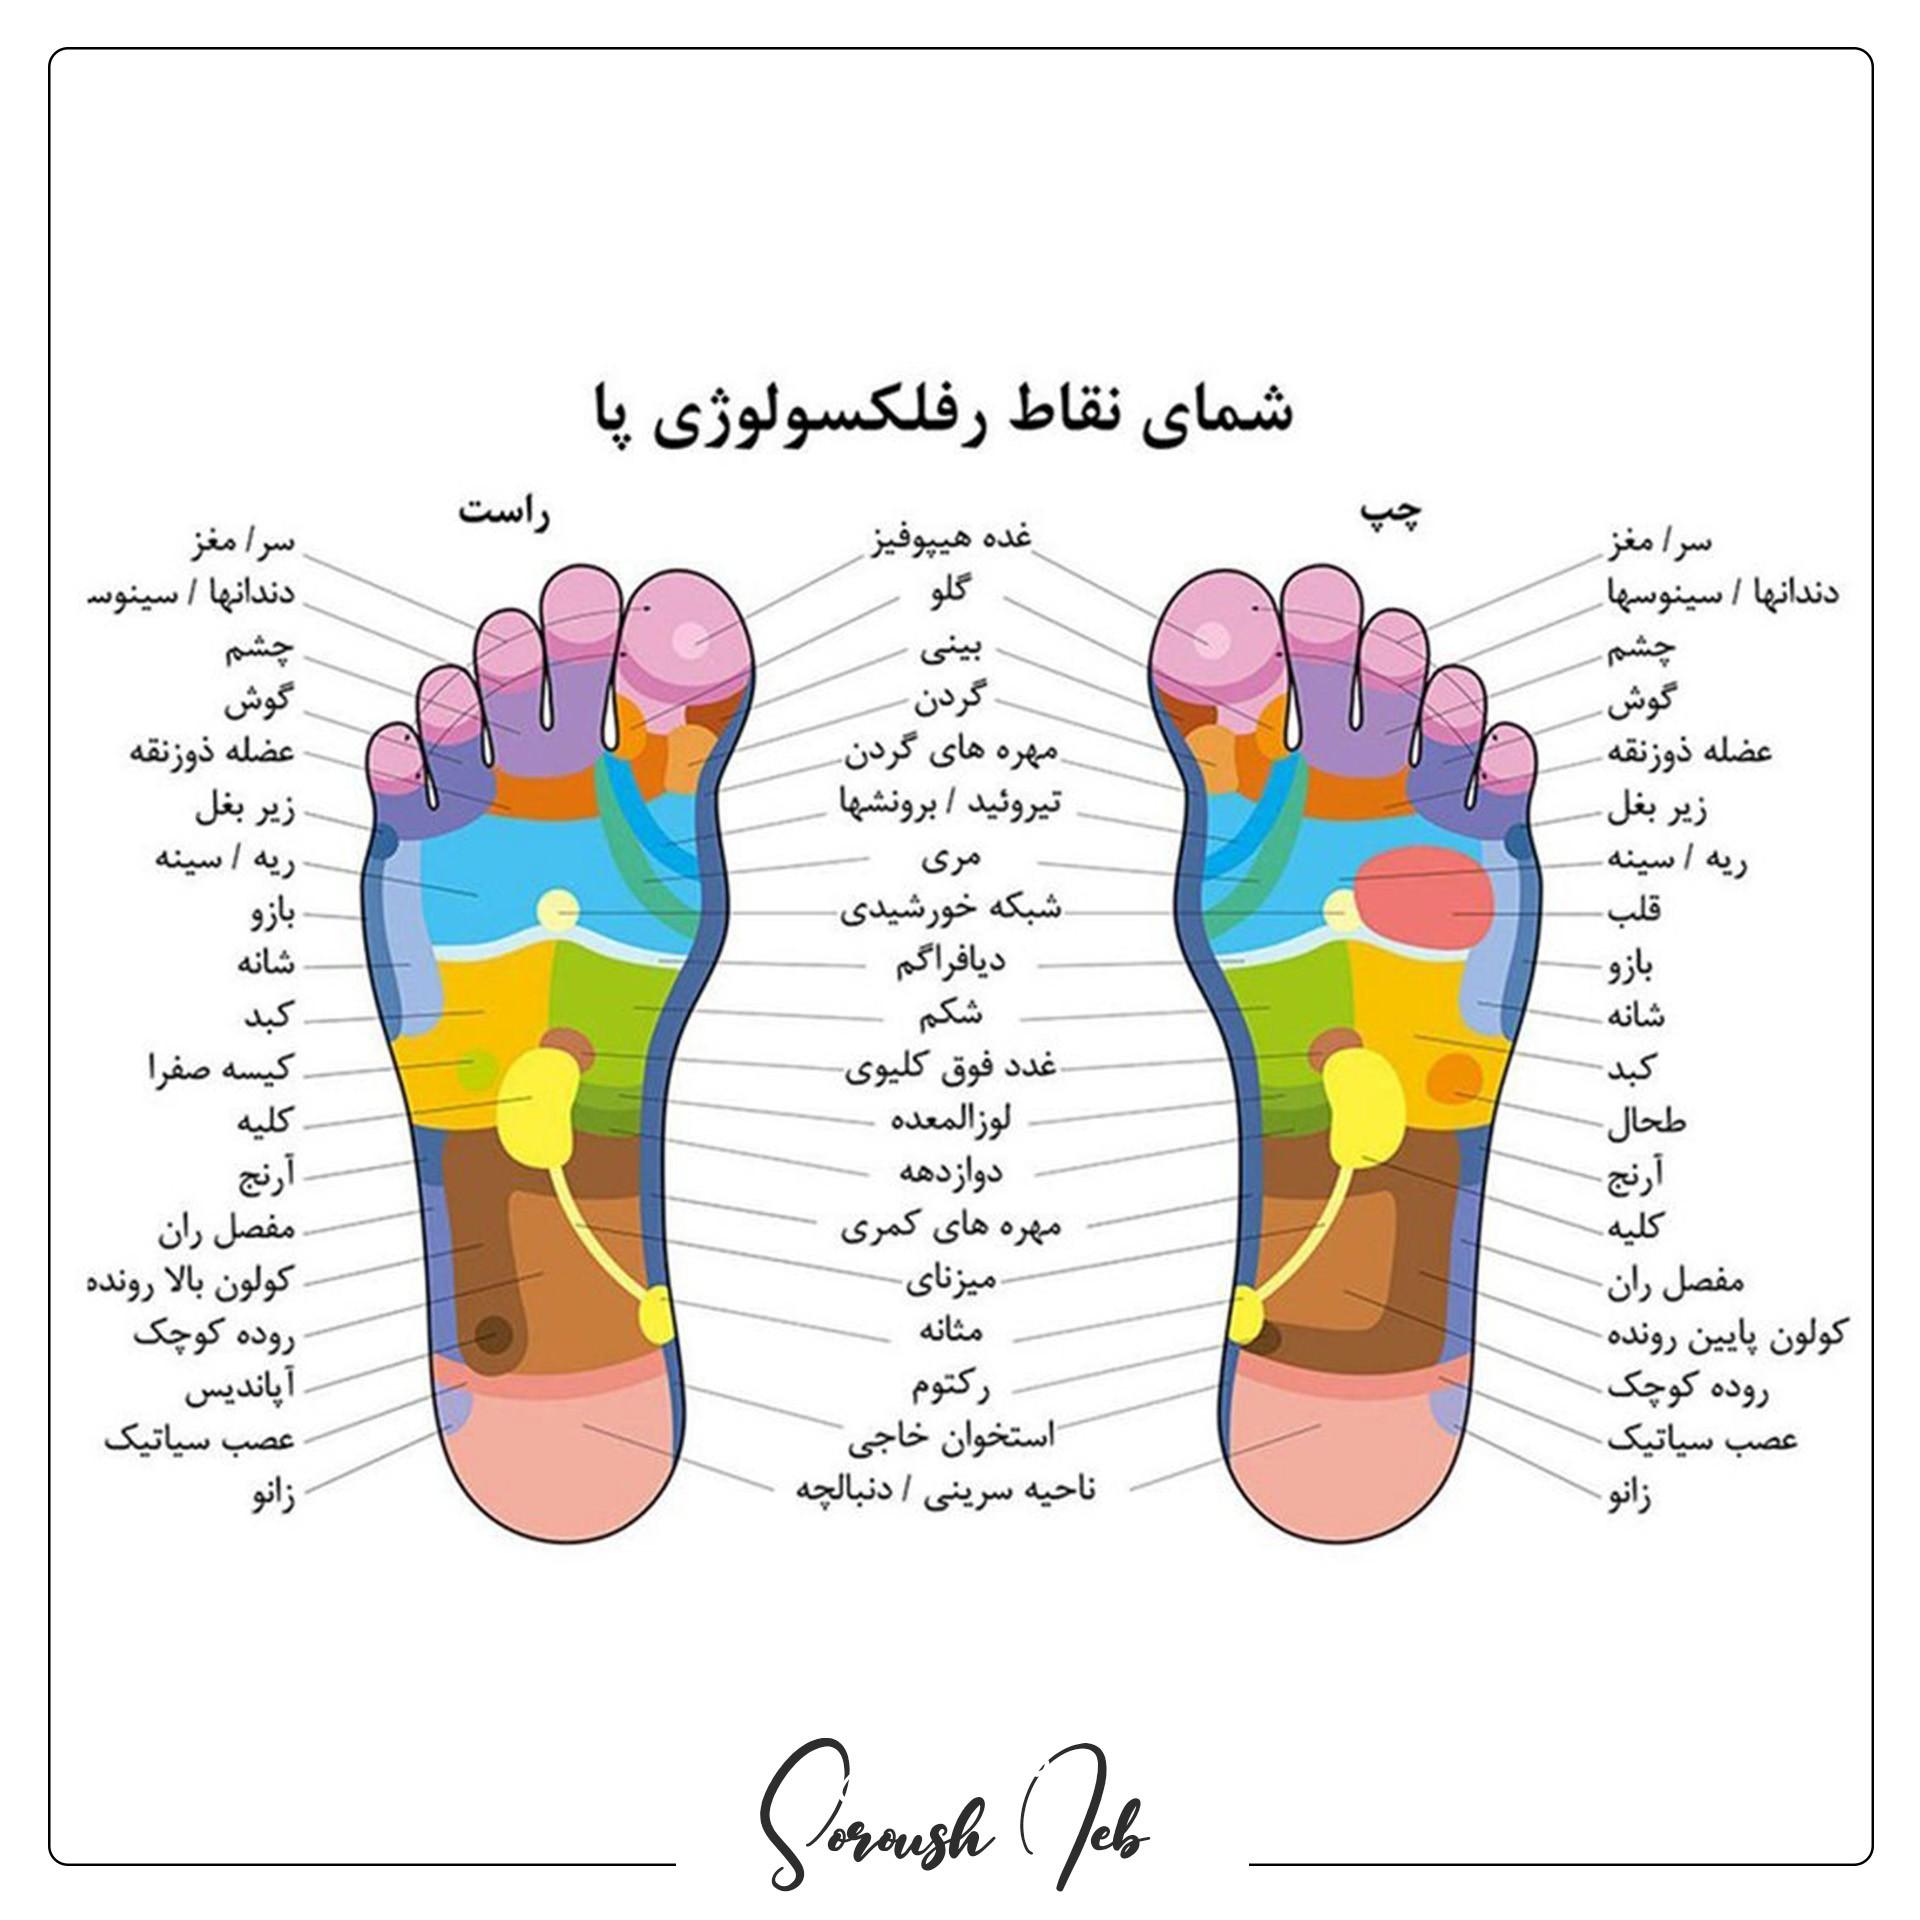 نقاط رفلوکسوژی پا که با اندام های مختلف بدن در ارتباط است